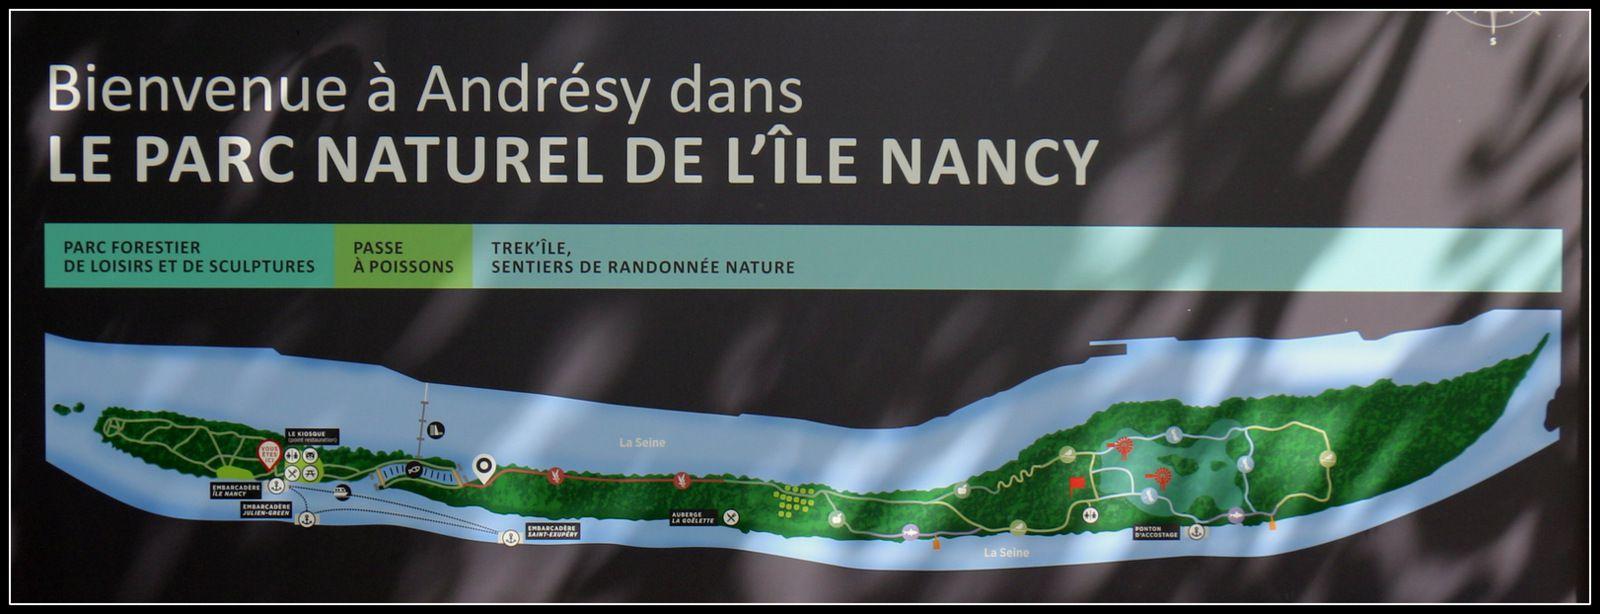 Oeuvres monumentales de Alain Clément, ïle Nancy à Andrésy